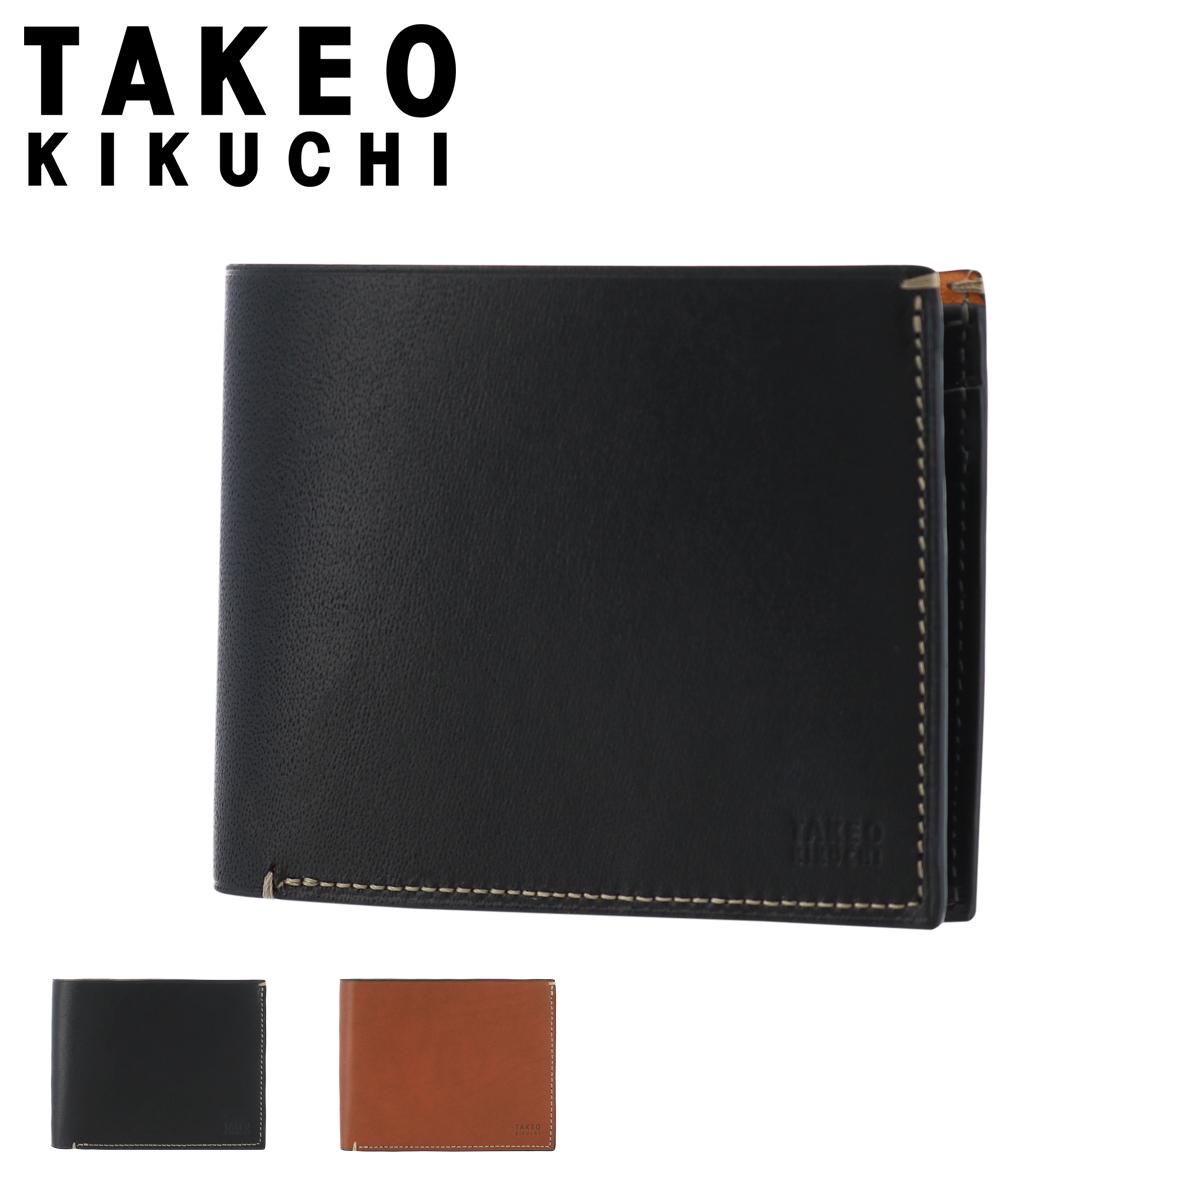 タケオキクチ 二つ折り財布 ミニ財布 スタック メンズ 742614 TAKEO KIKUCHI | 牛革 本革 レザー ブランド専用BOX付き [PO5]